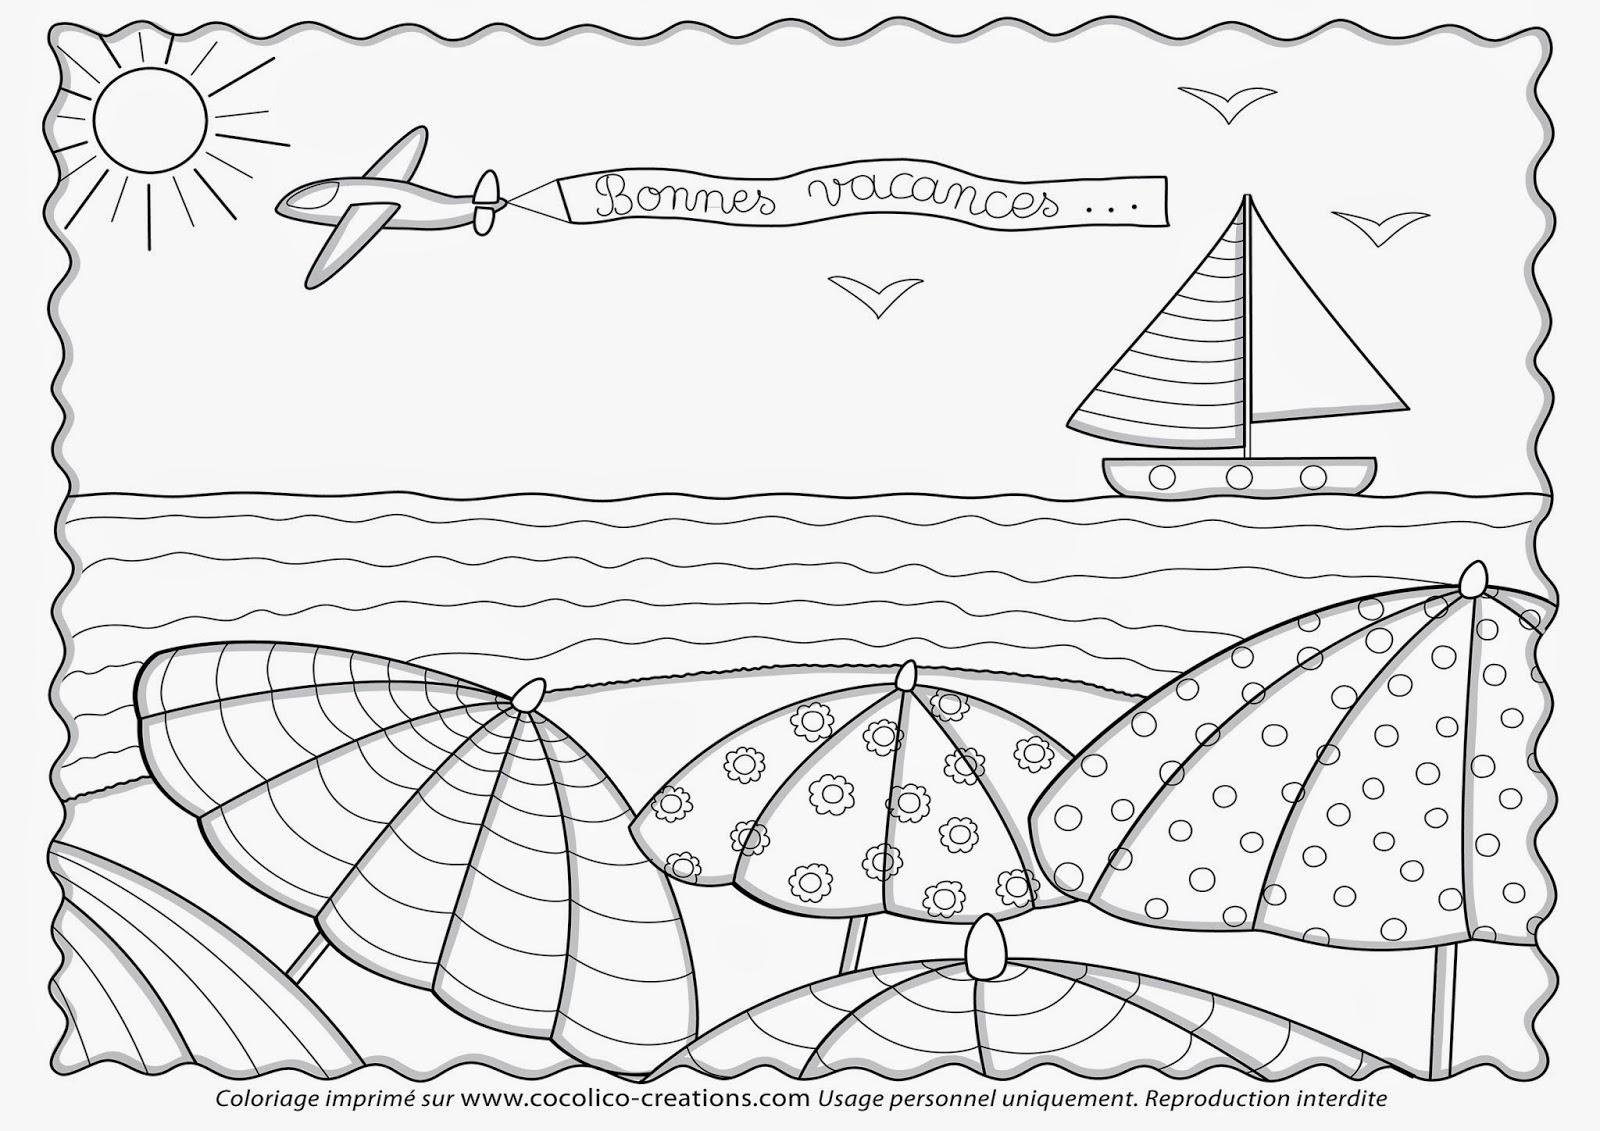 Cocolico-Creations: ✎ Coloriages avec Coloriage Sur La Mer À Imprimer